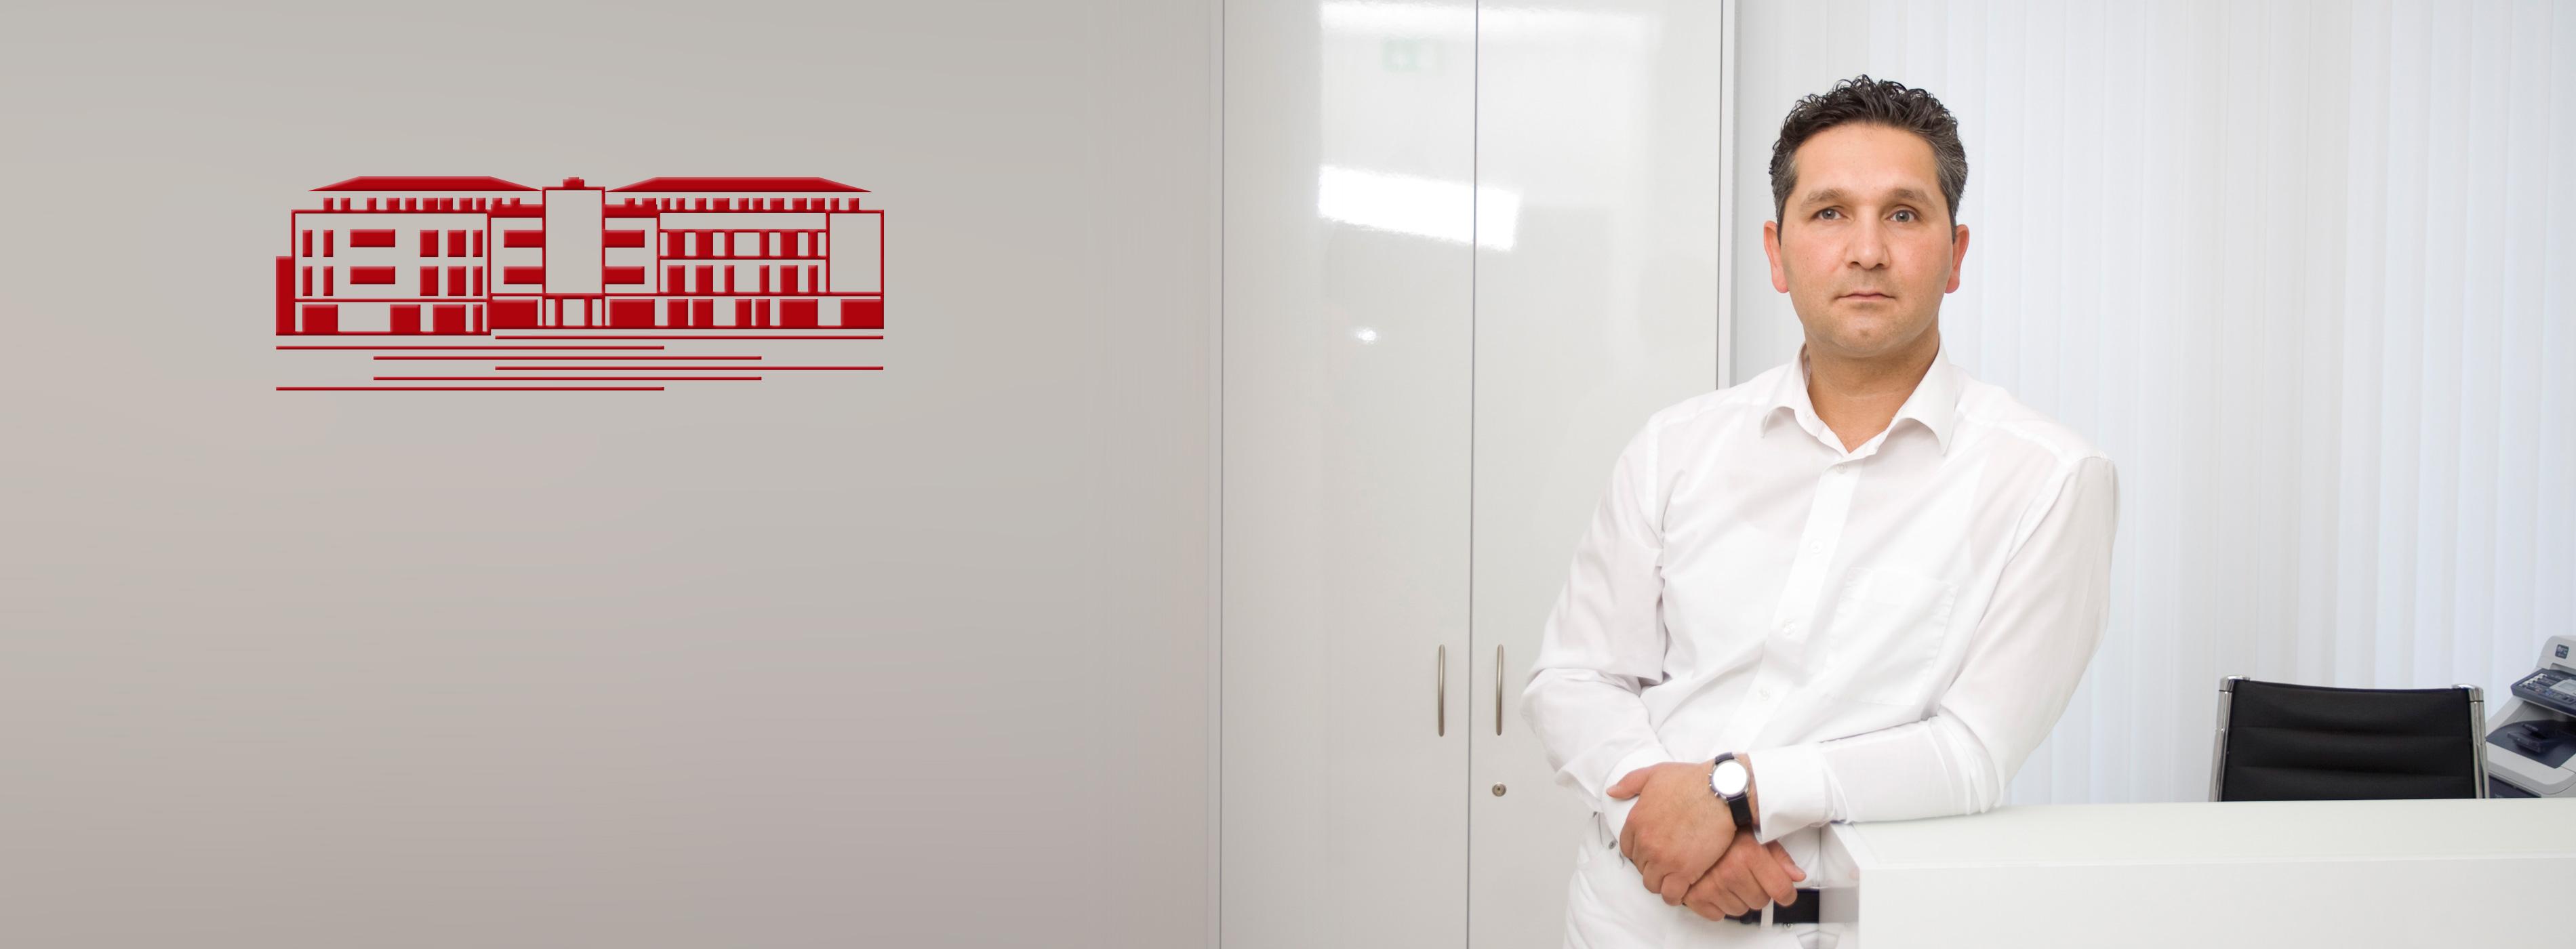 Kardiologie Berlin Zehlendorf Schlachtensee Kardiologisch Internistisches Zentrum Schlachtensee Dr. med. Engin Osmanoglou